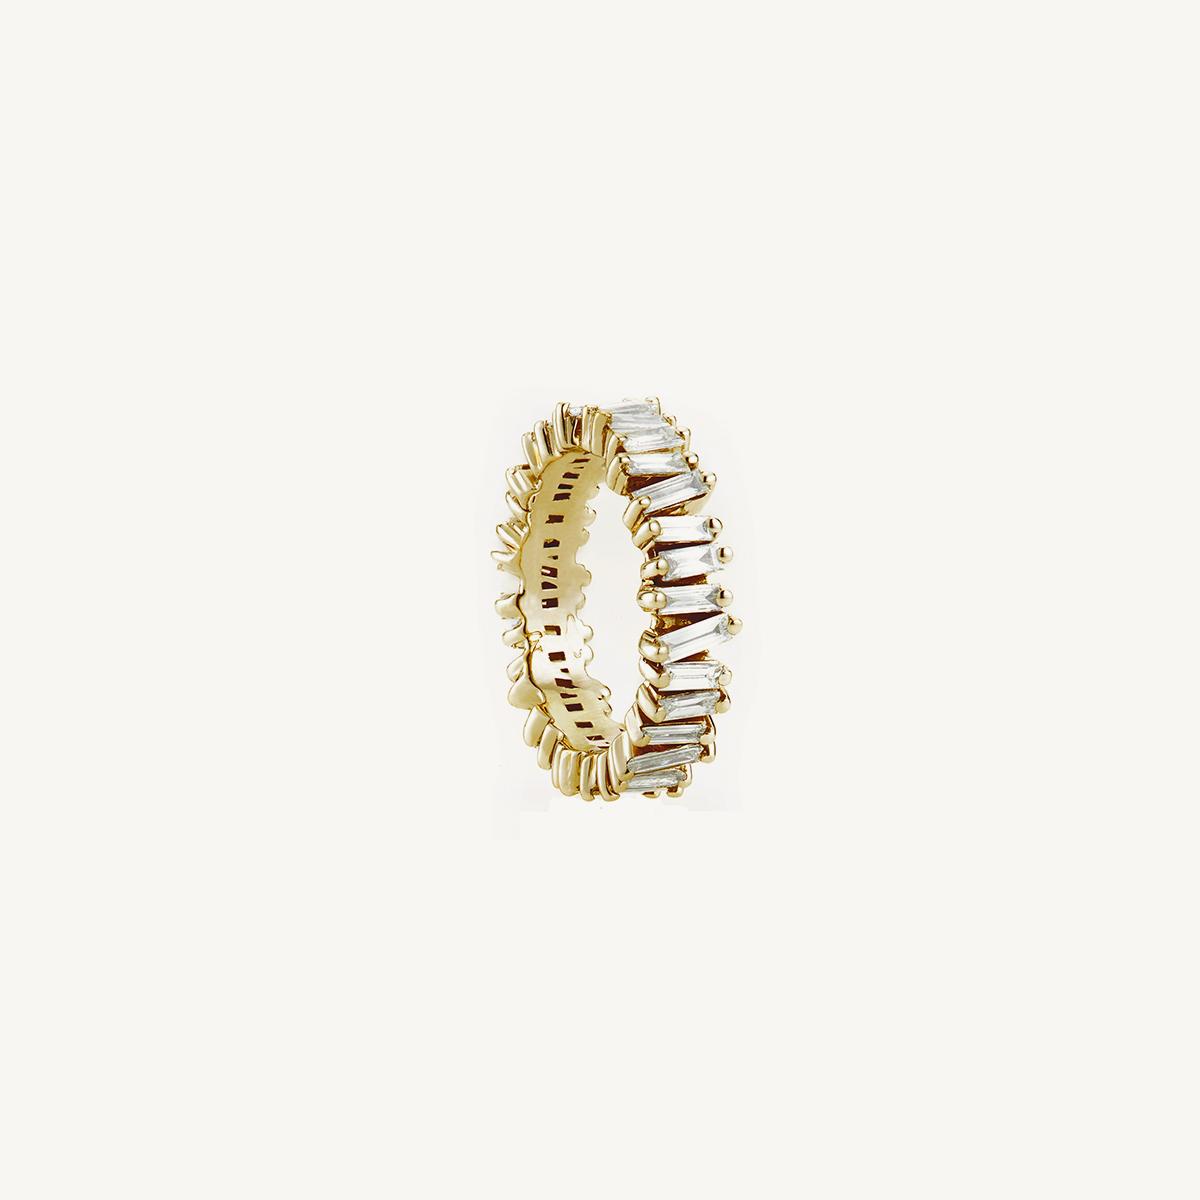 Ring Namib in yellow gold